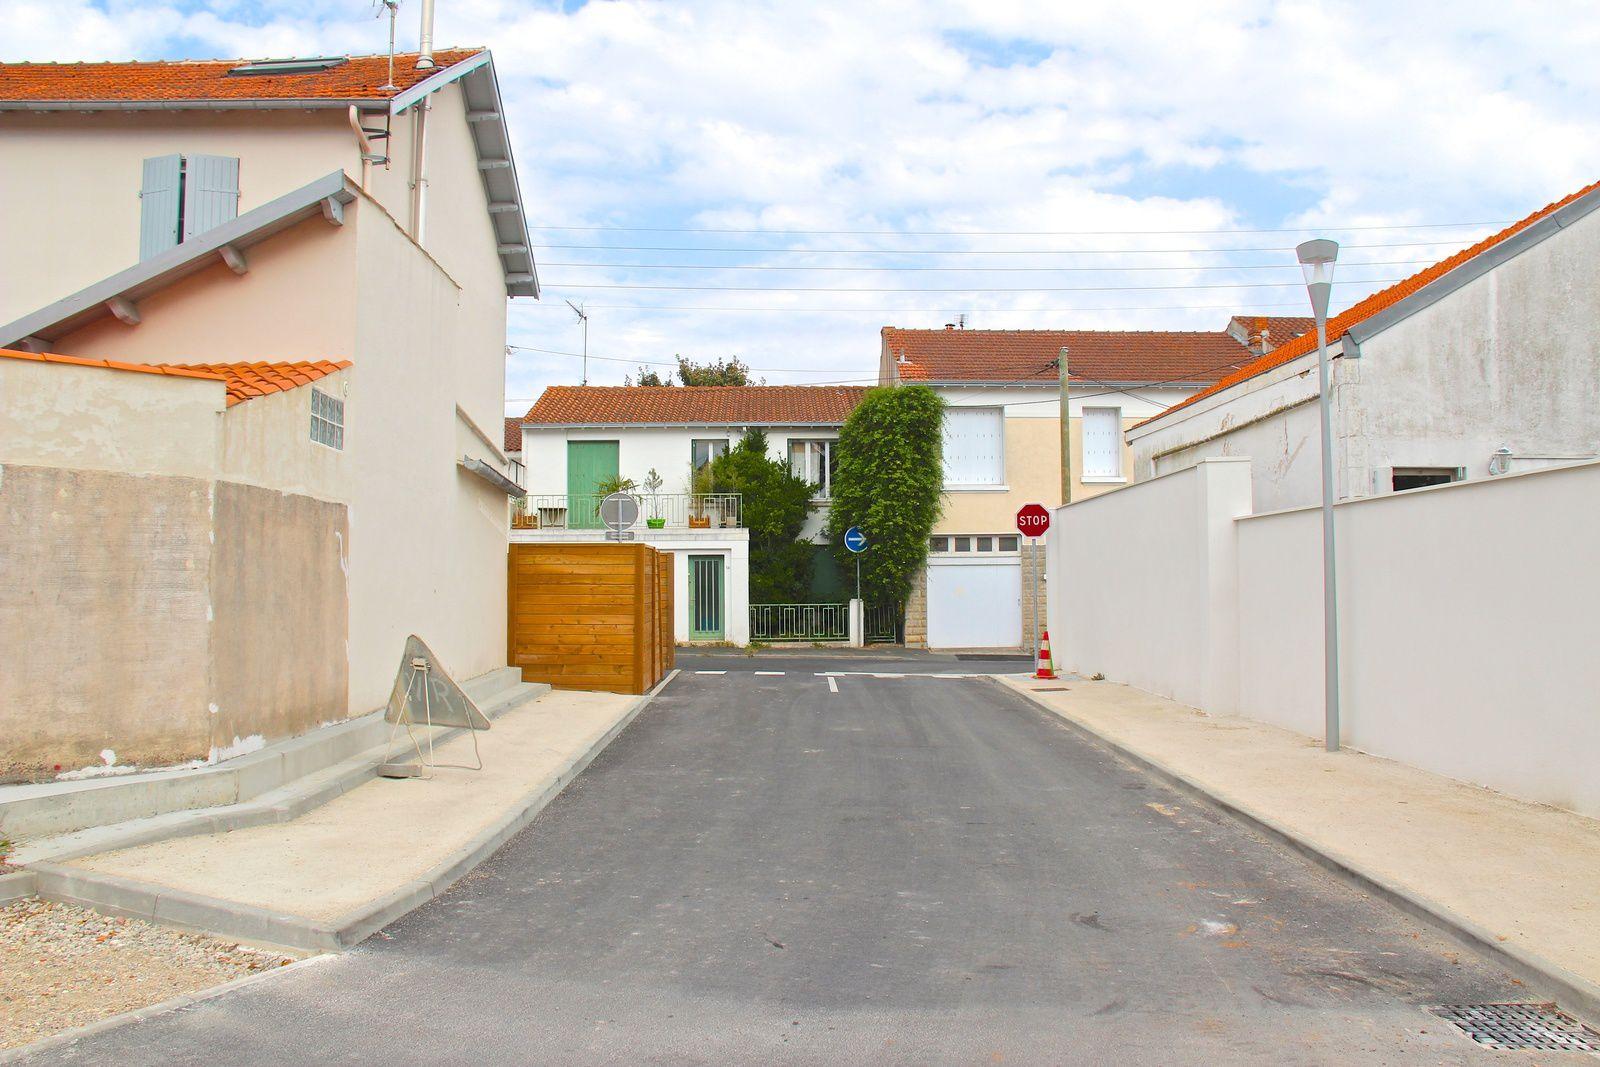 Pour sortir du DED par la rue E. Delacroix, les usagers se trouvent désormais face à un panneau d'obligation de tourner à droite.